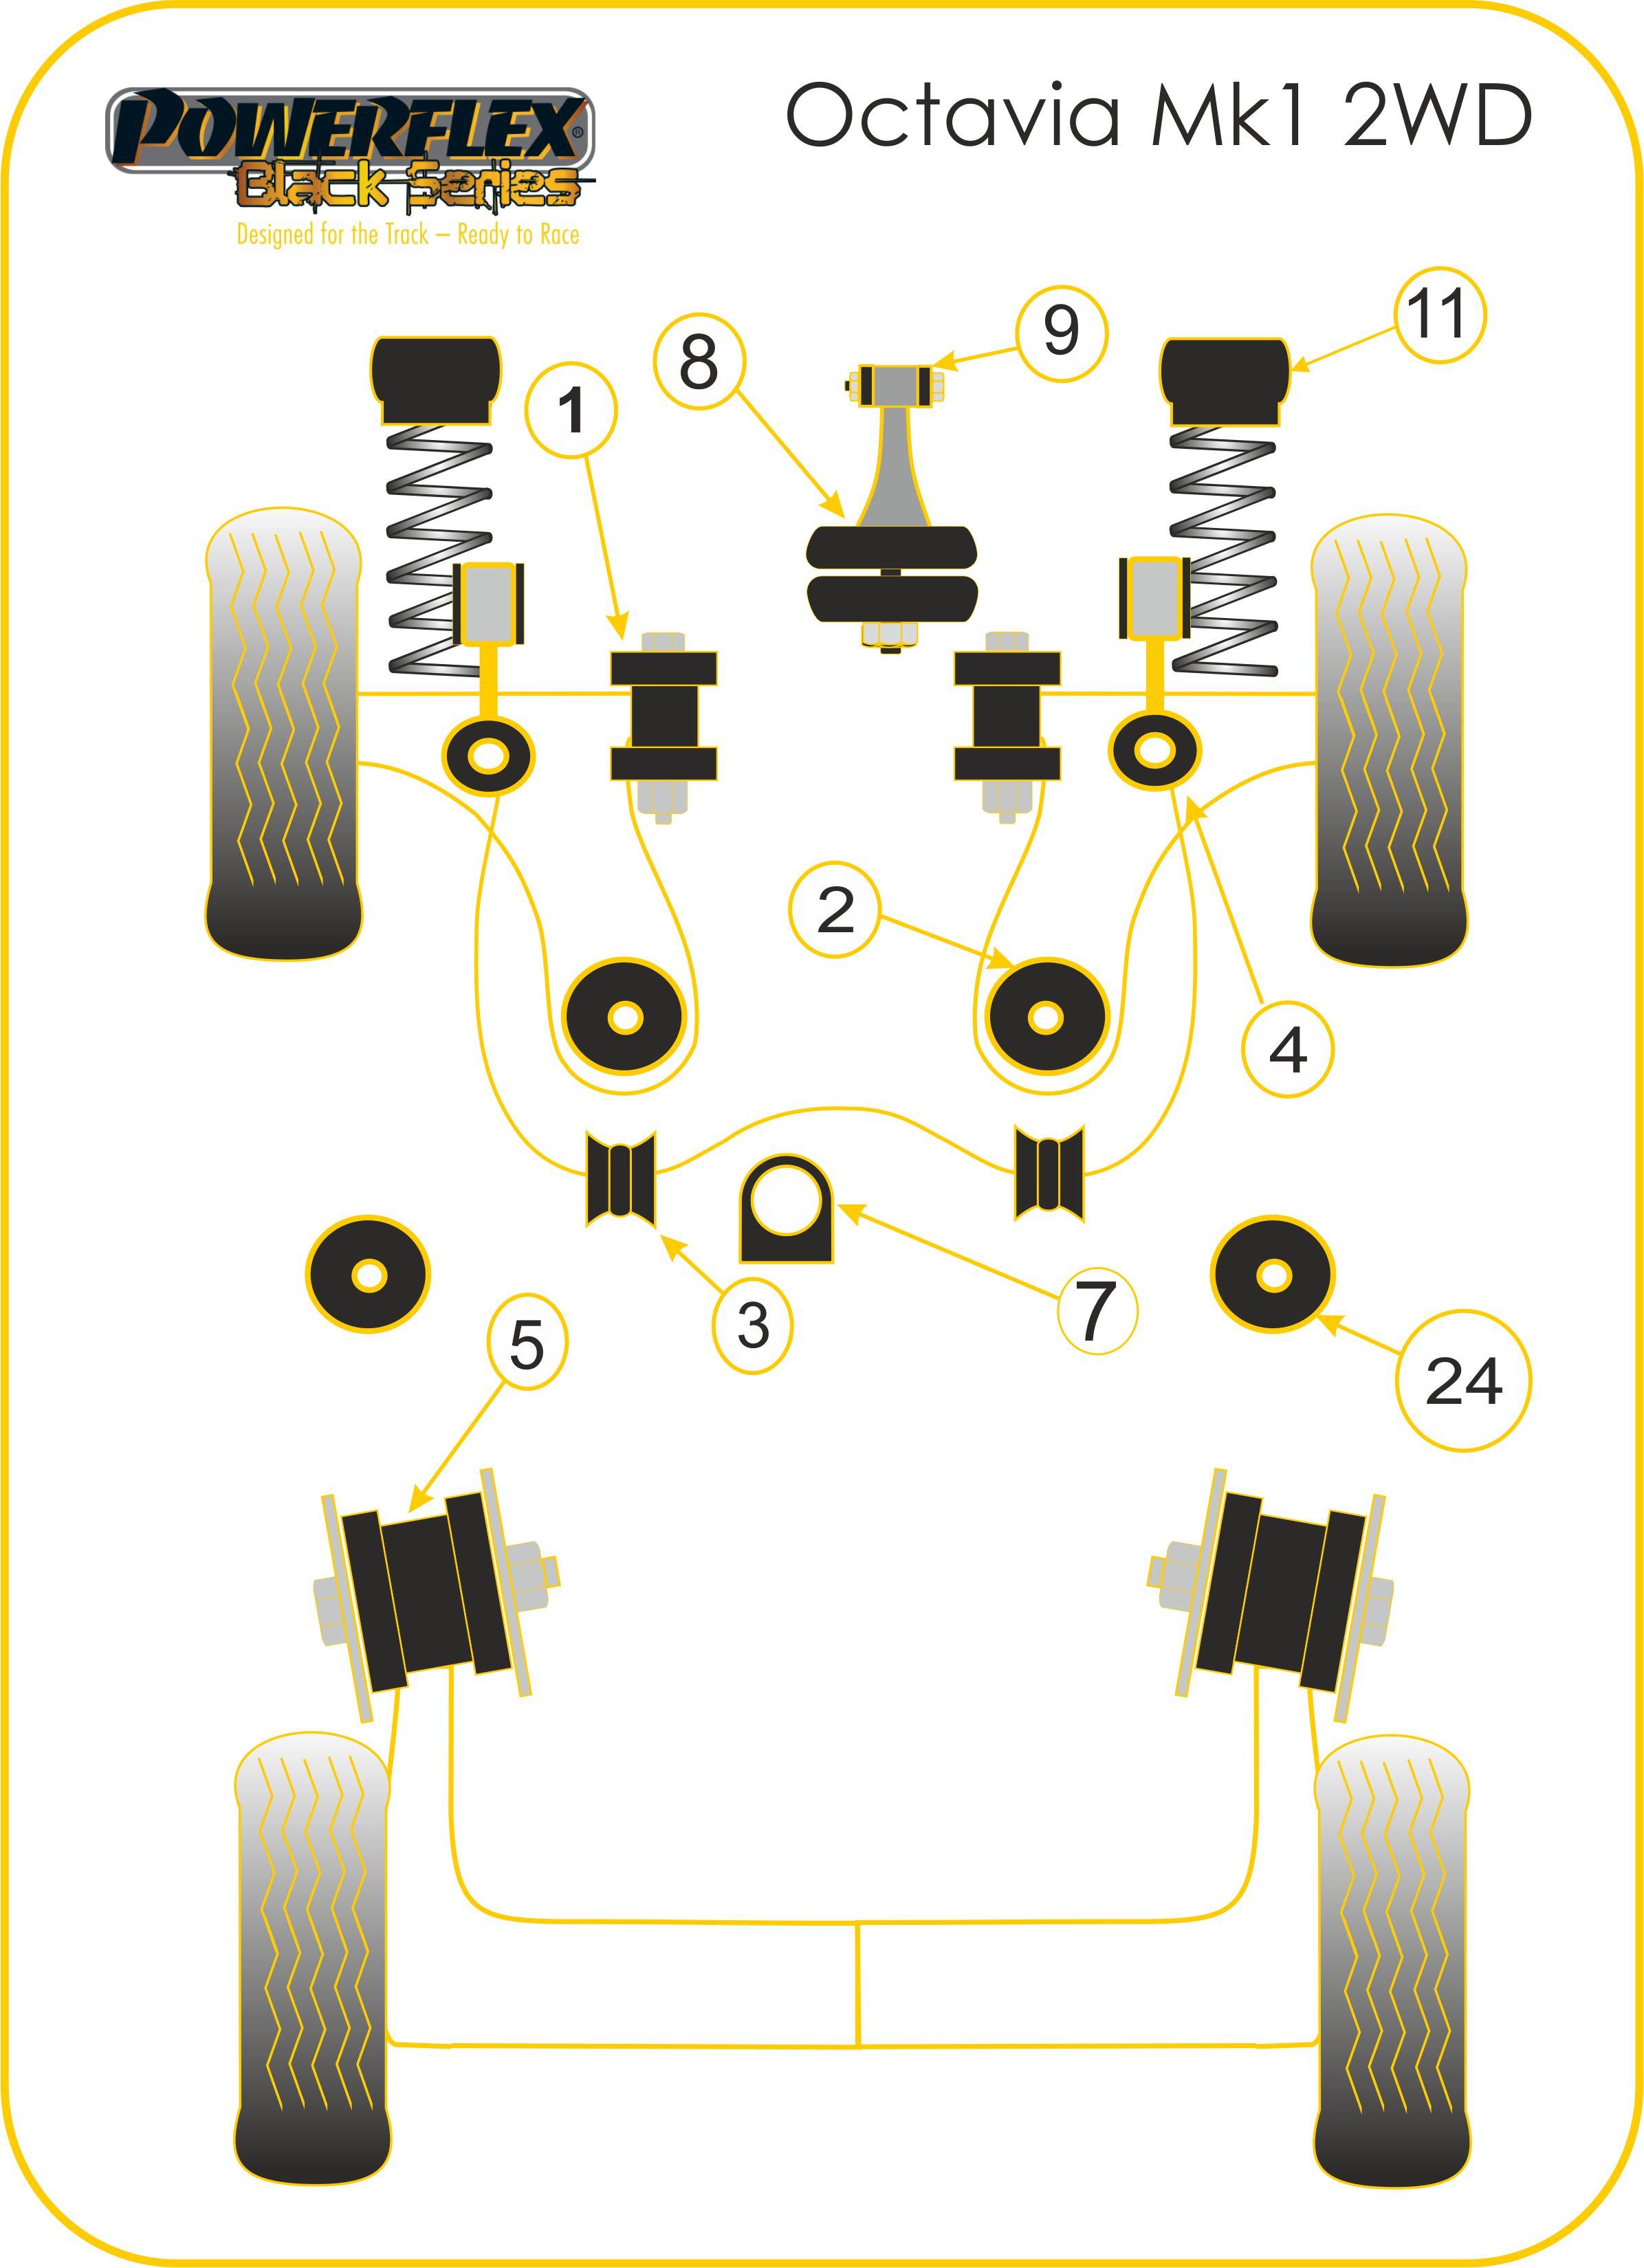 PFR85-610BLK